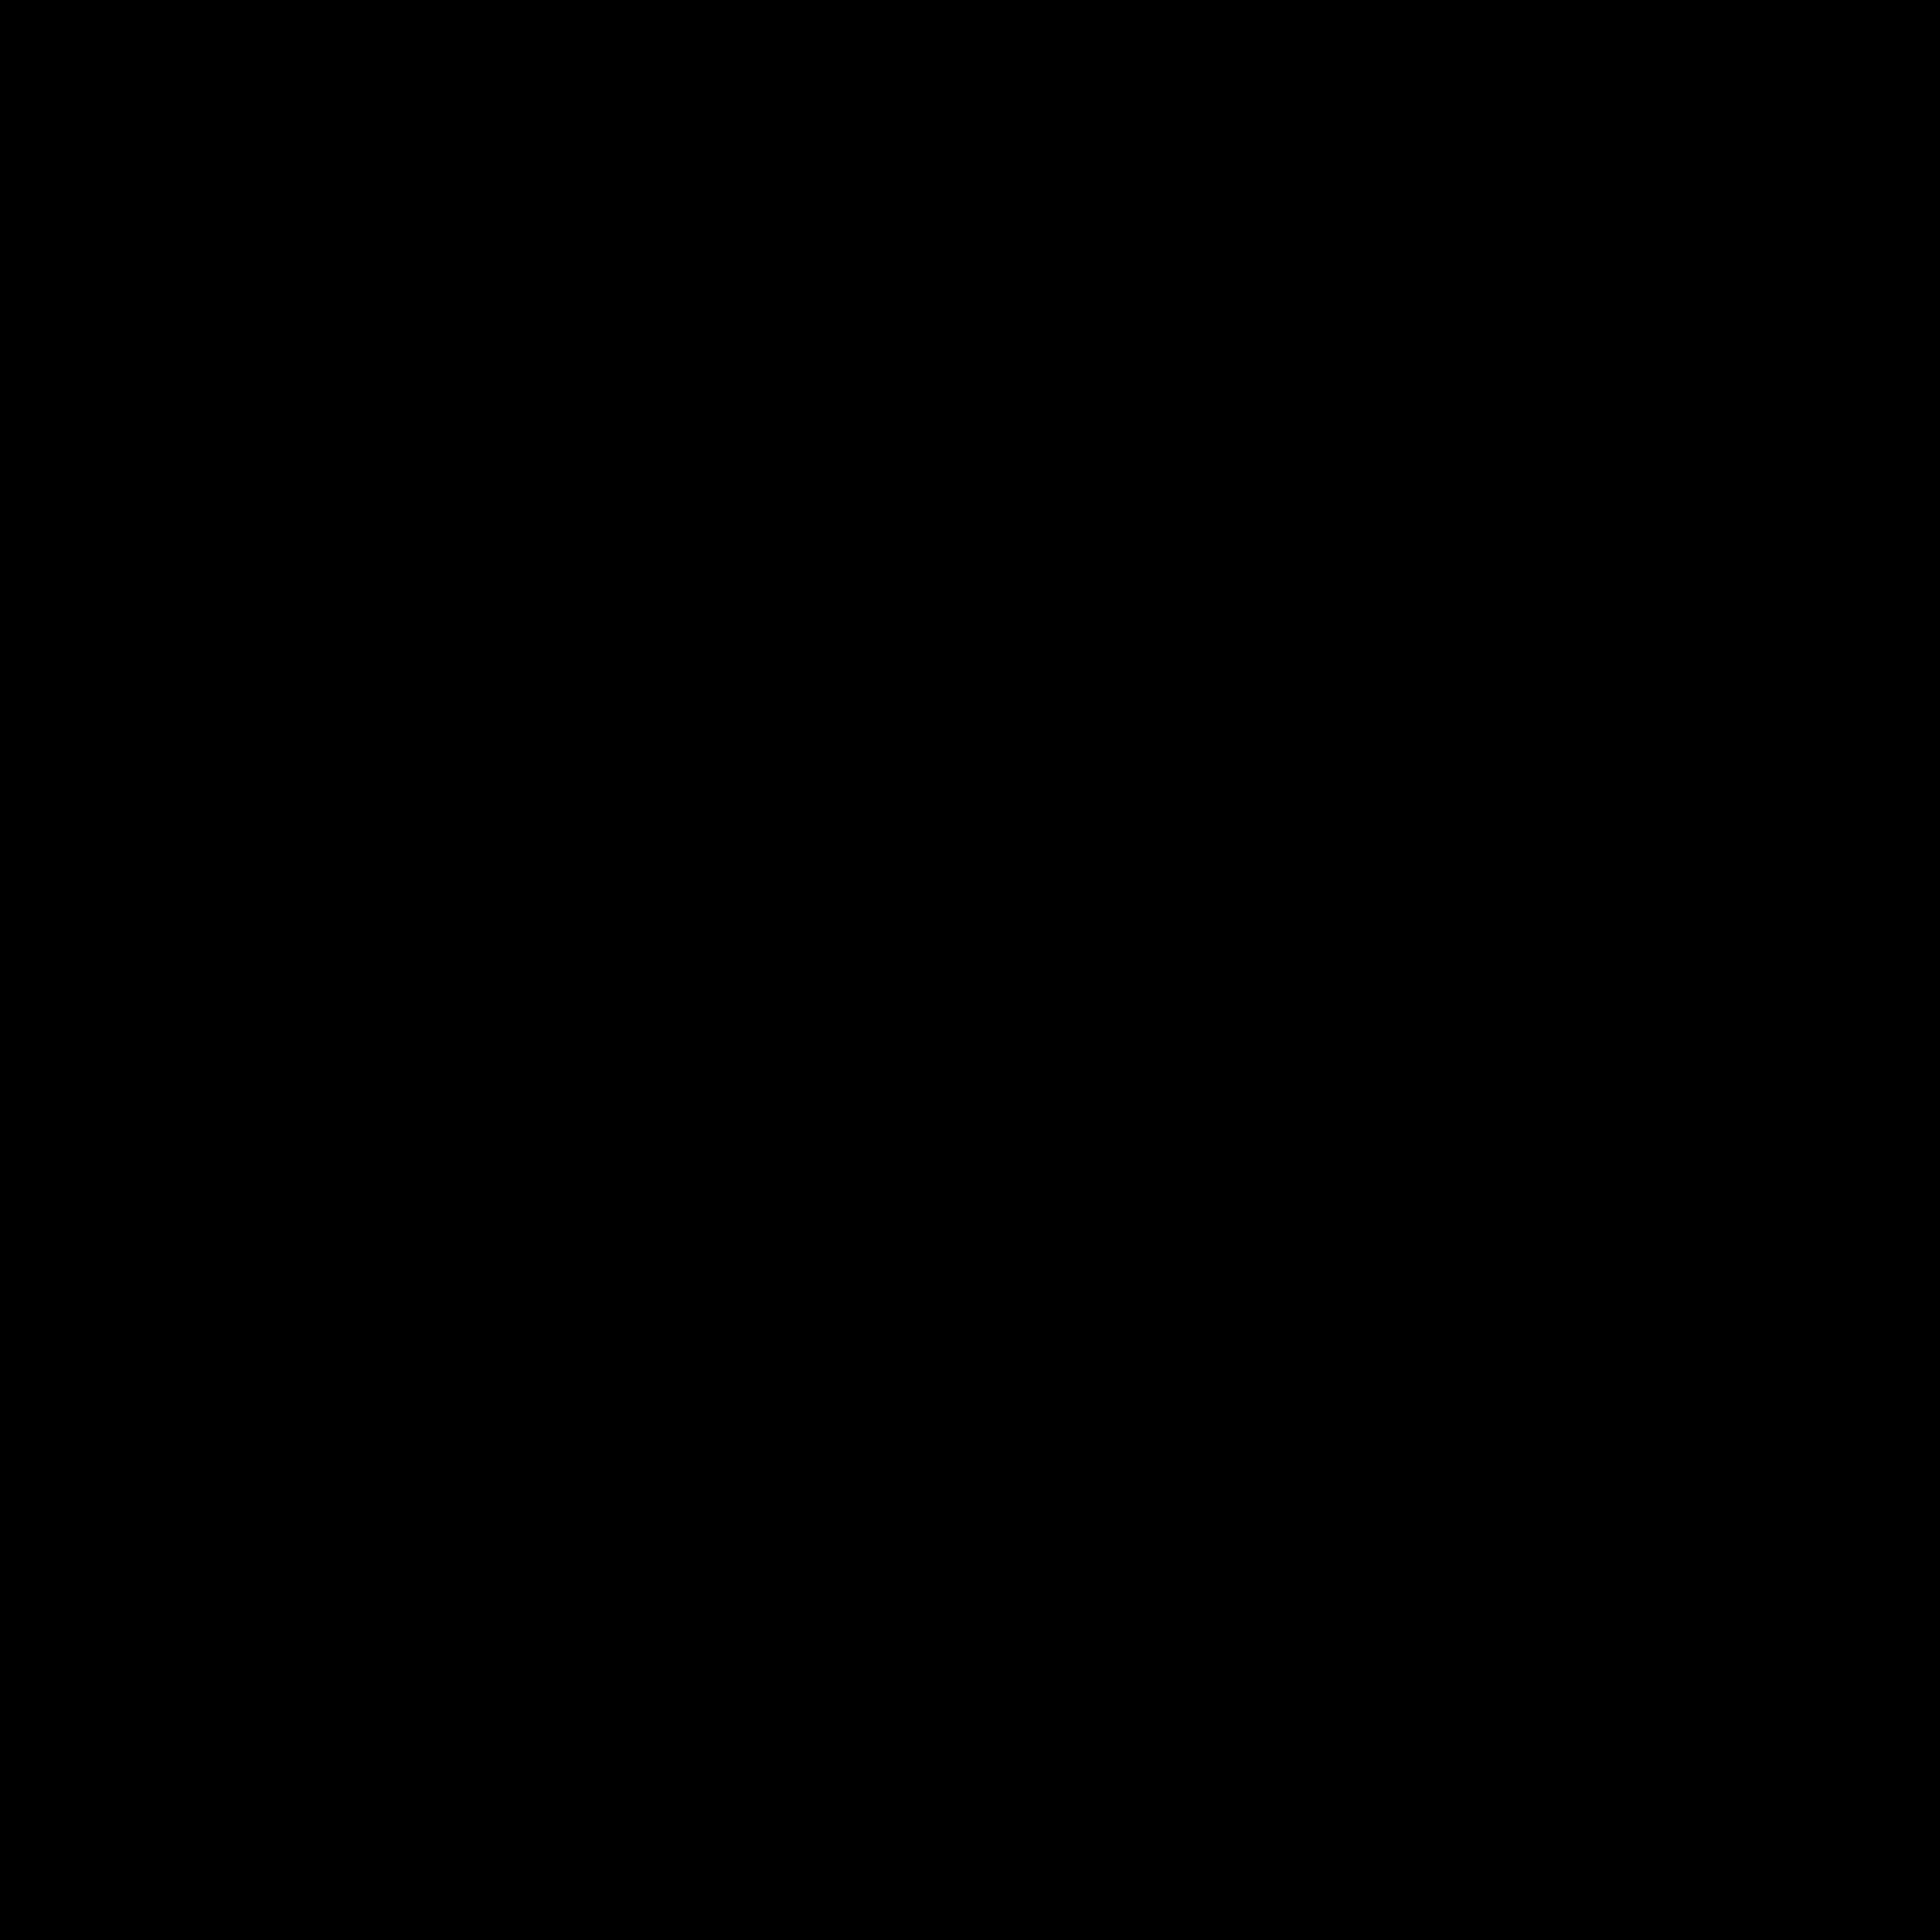 Frame big image png. White clipart divider